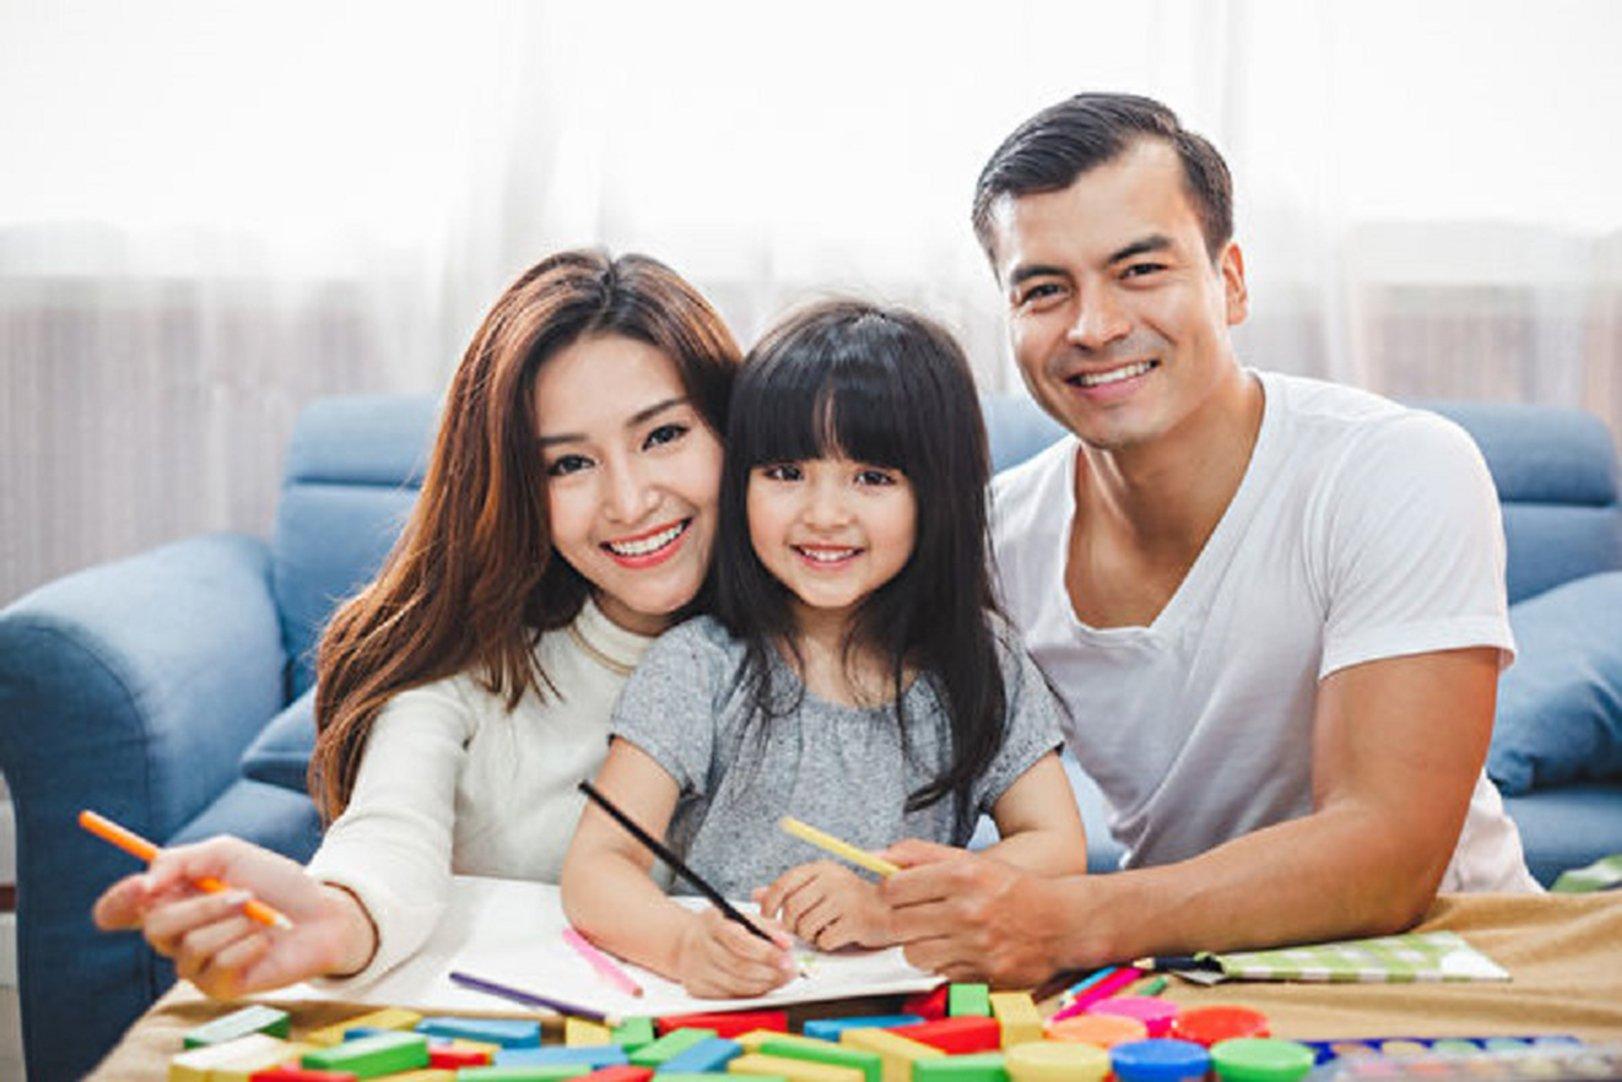 對60年代的孩子來說,和自己的親生父親生活在同一個家裏是理所當然的常識。(Fotolia)